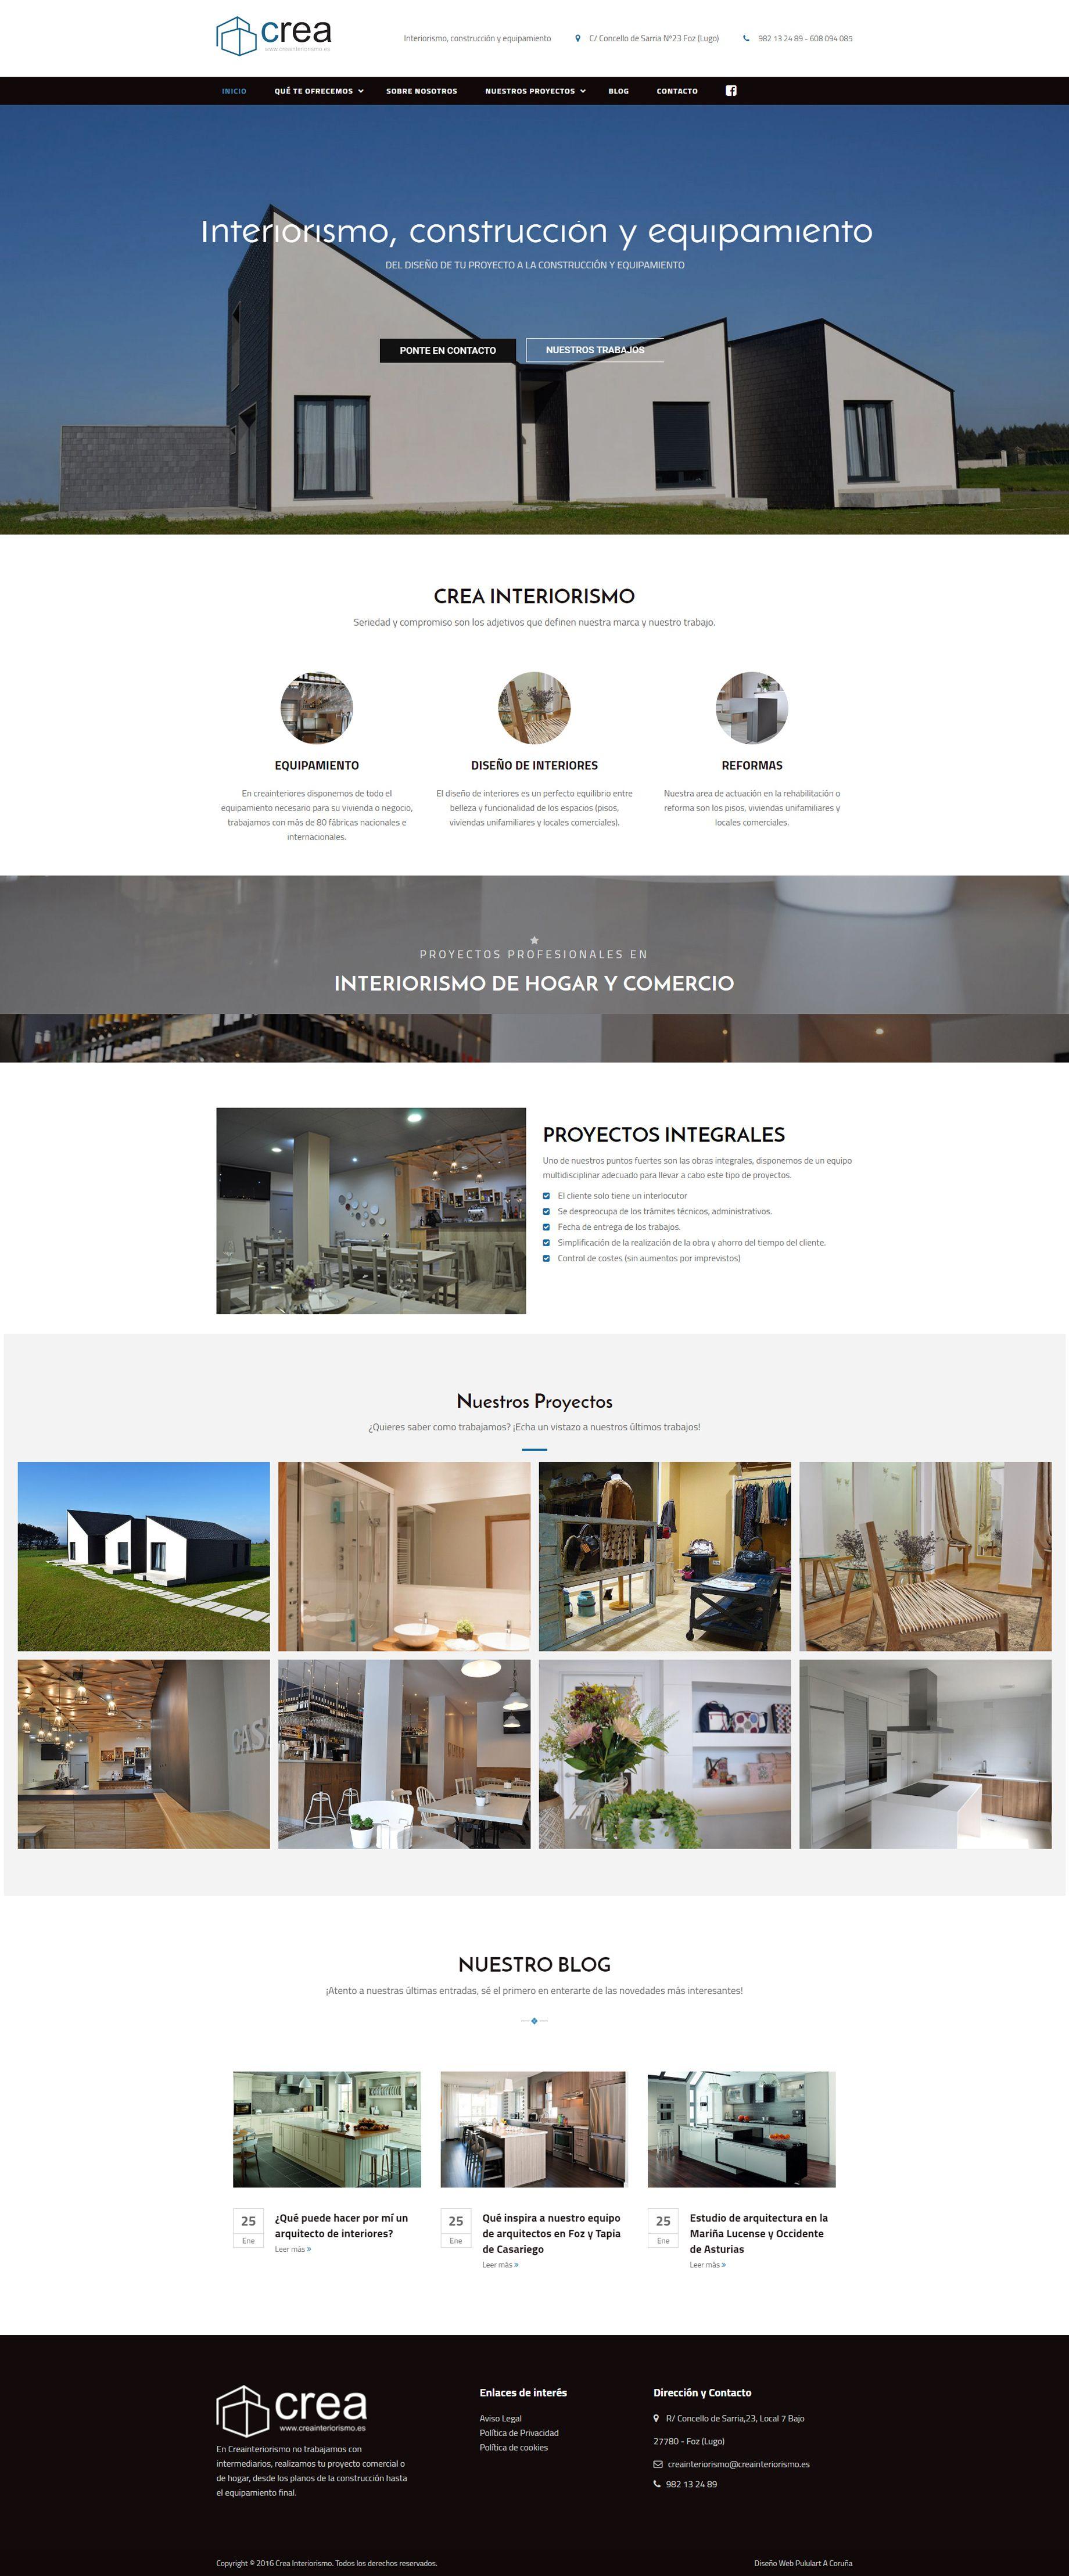 Hemos publicado la web de crea interiorismo una maravillosa p gina de dise o de interiores con - Paginas de diseno de interiores ...